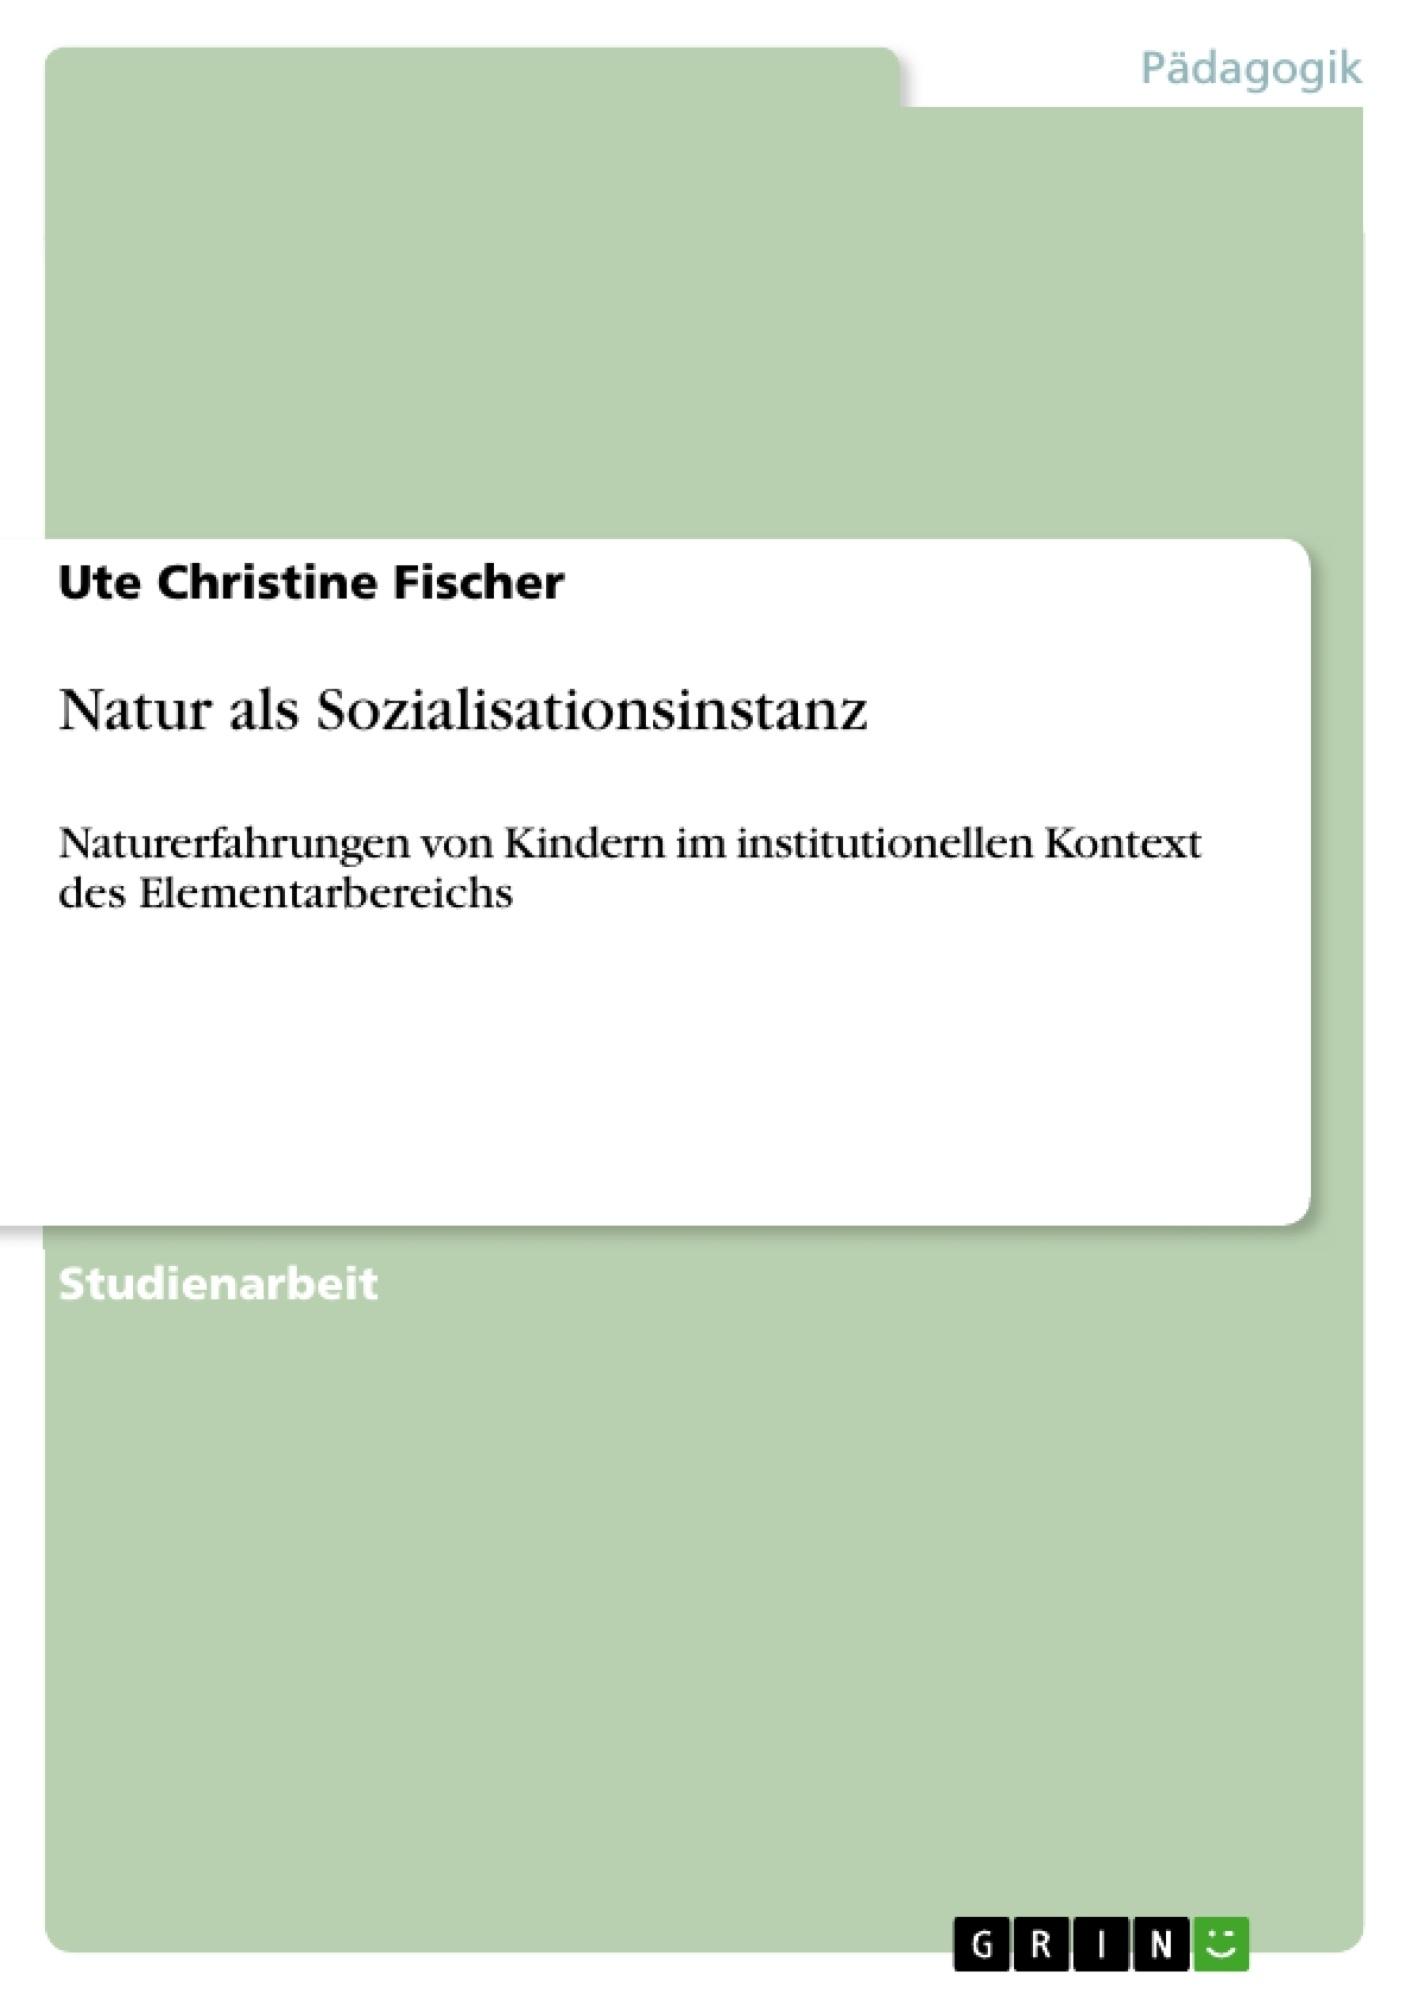 Titel: Natur als Sozialisationsinstanz